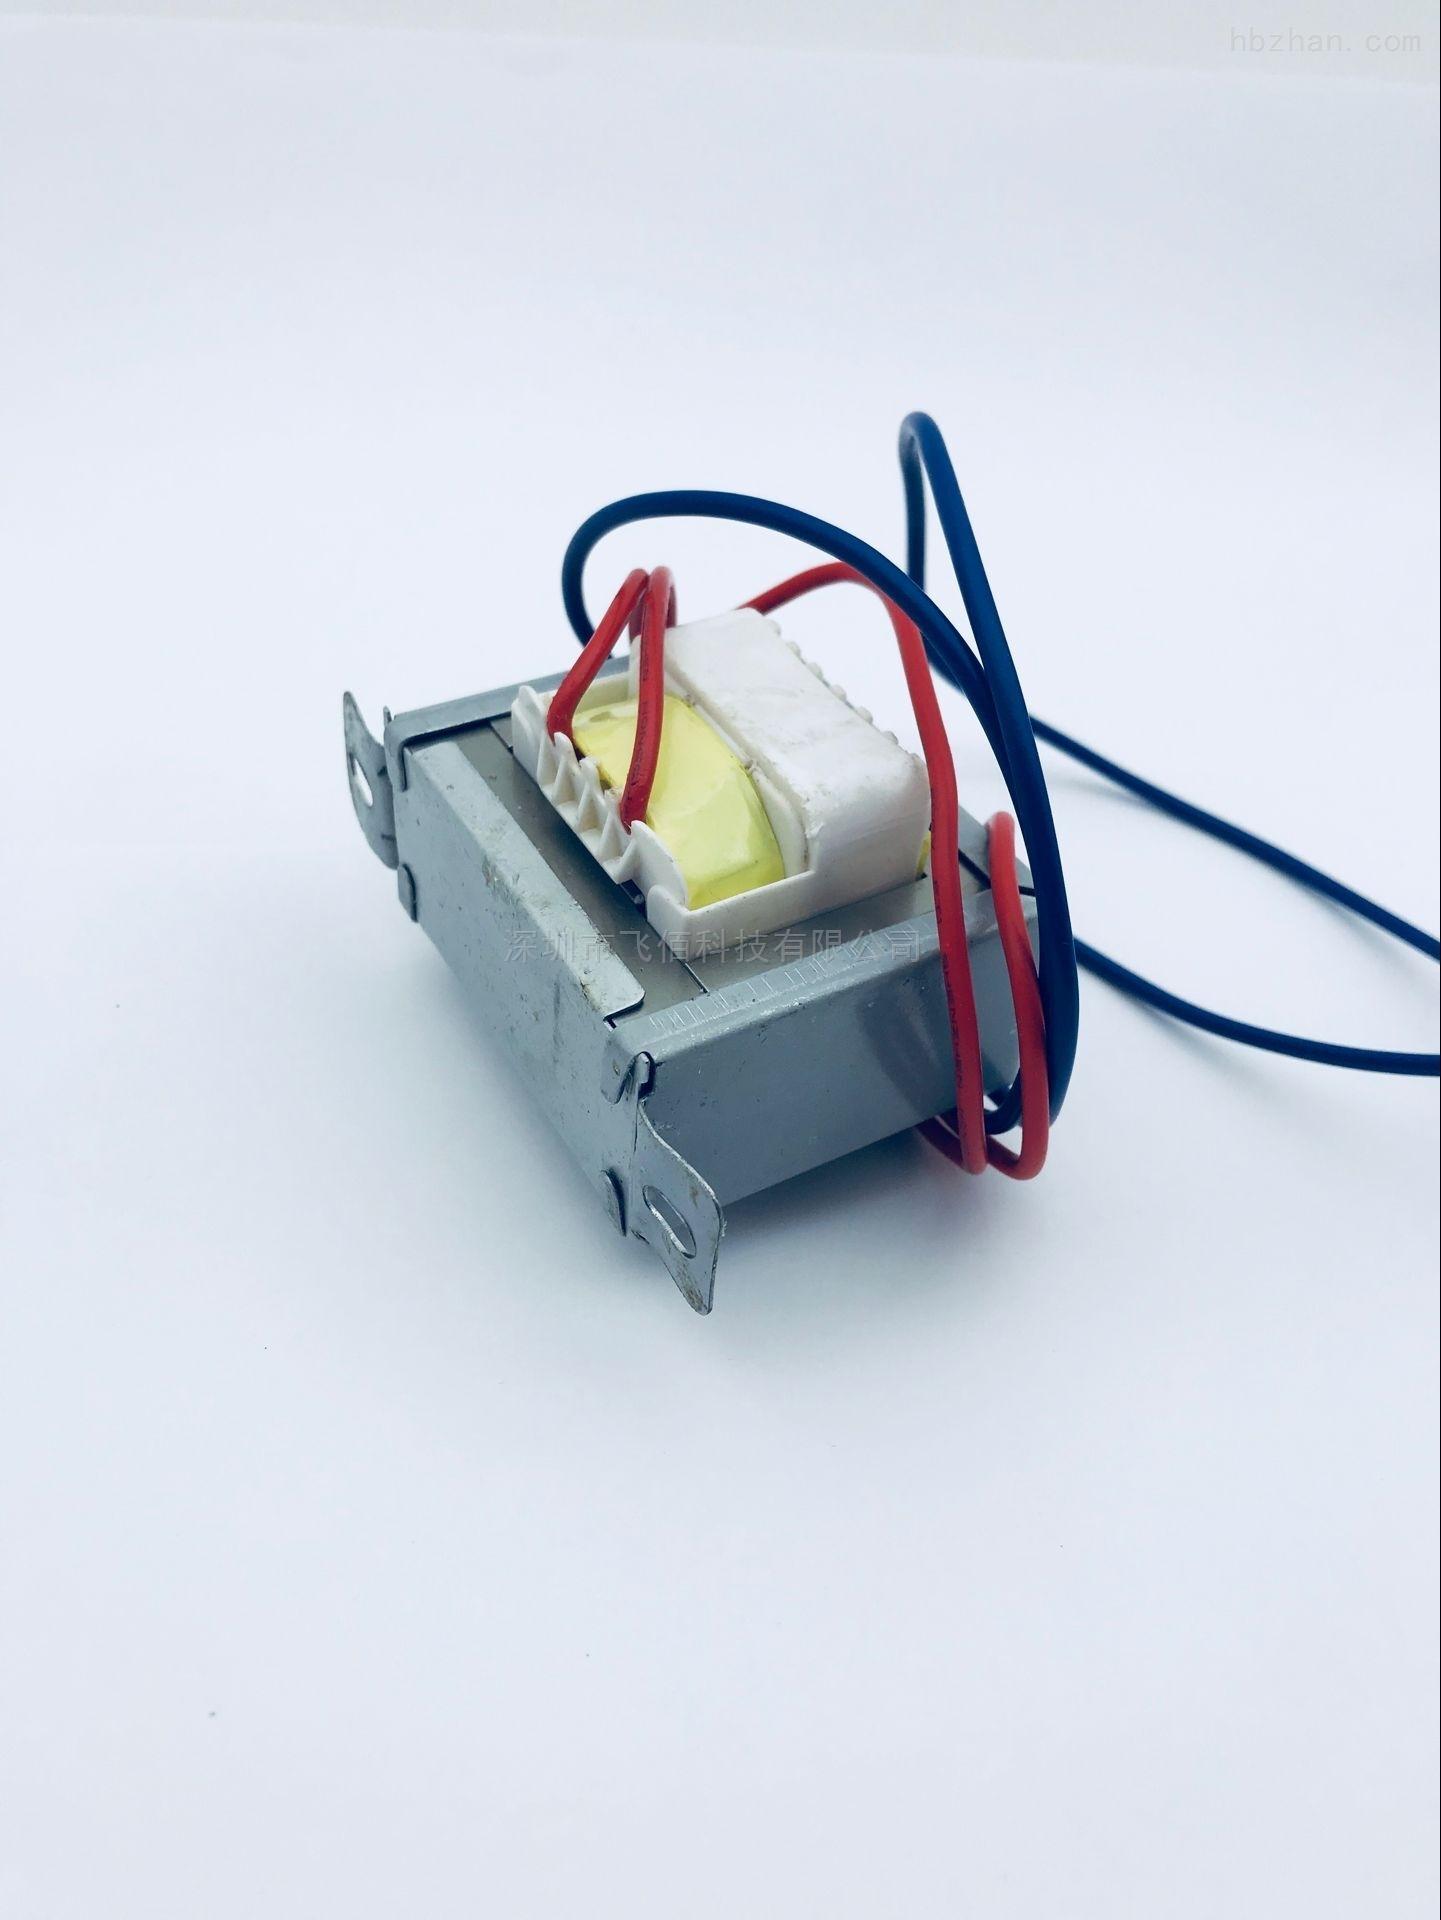 220v电源挅�.��kh�^k9P_ei220v 50w 电源变压器